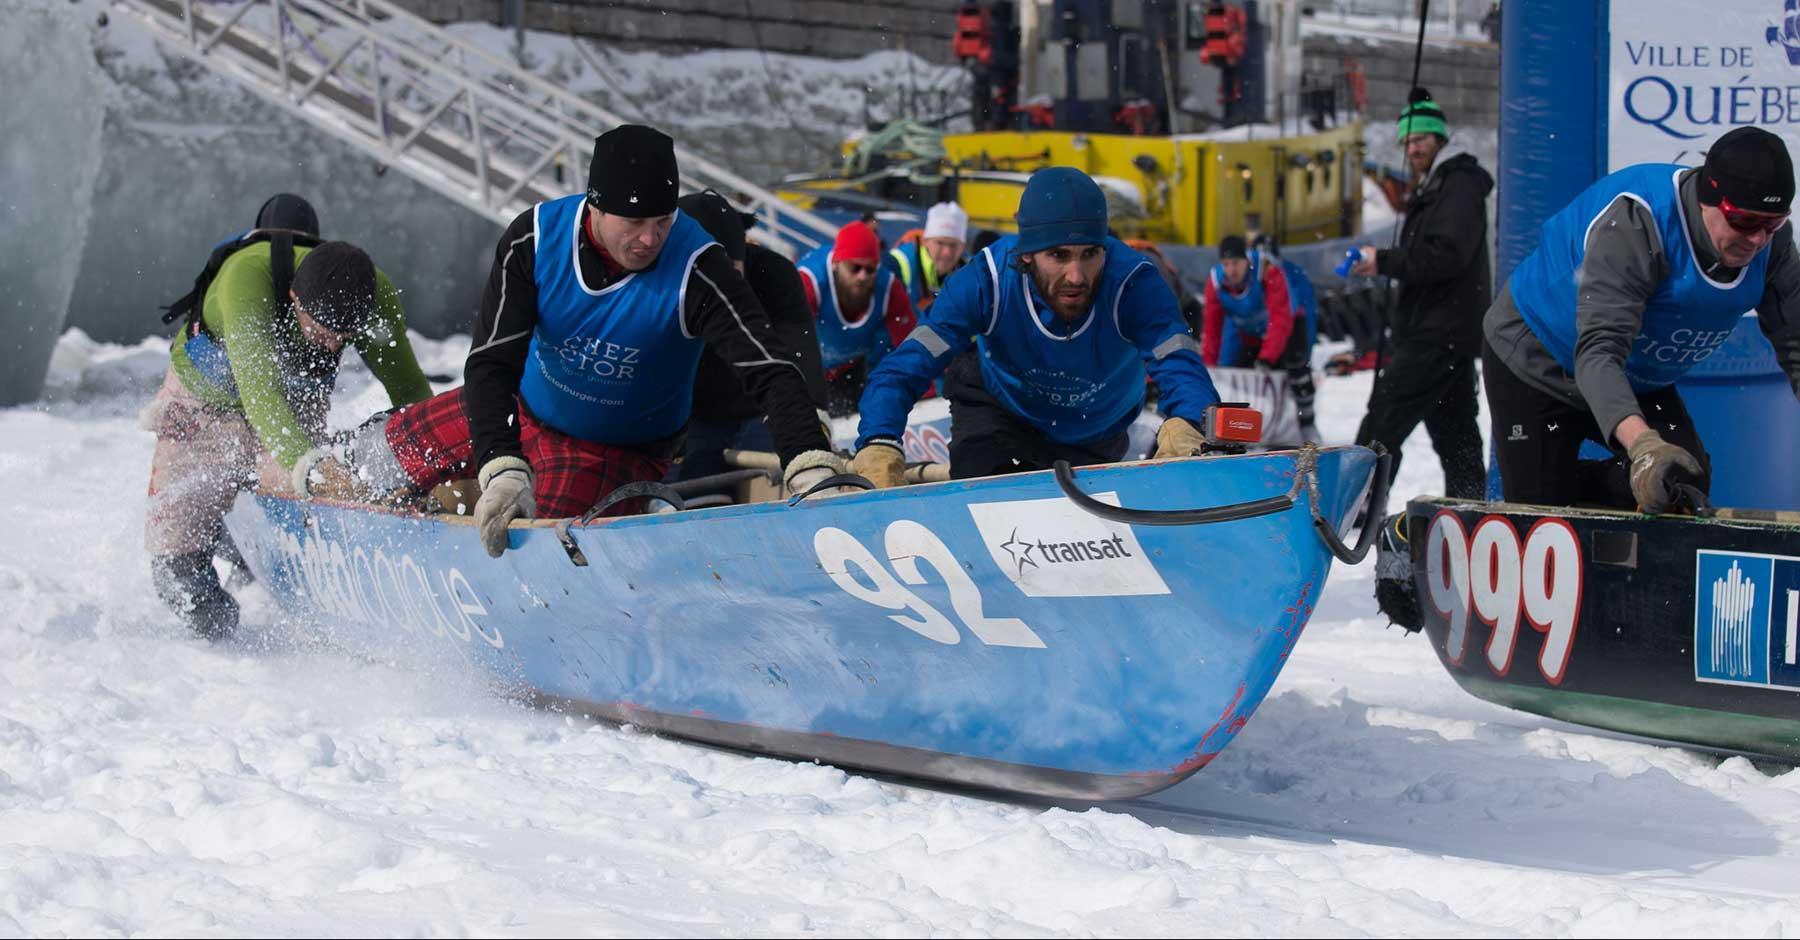 Le canot à glace – un sport canadien qui n'est pas pour les petites natures